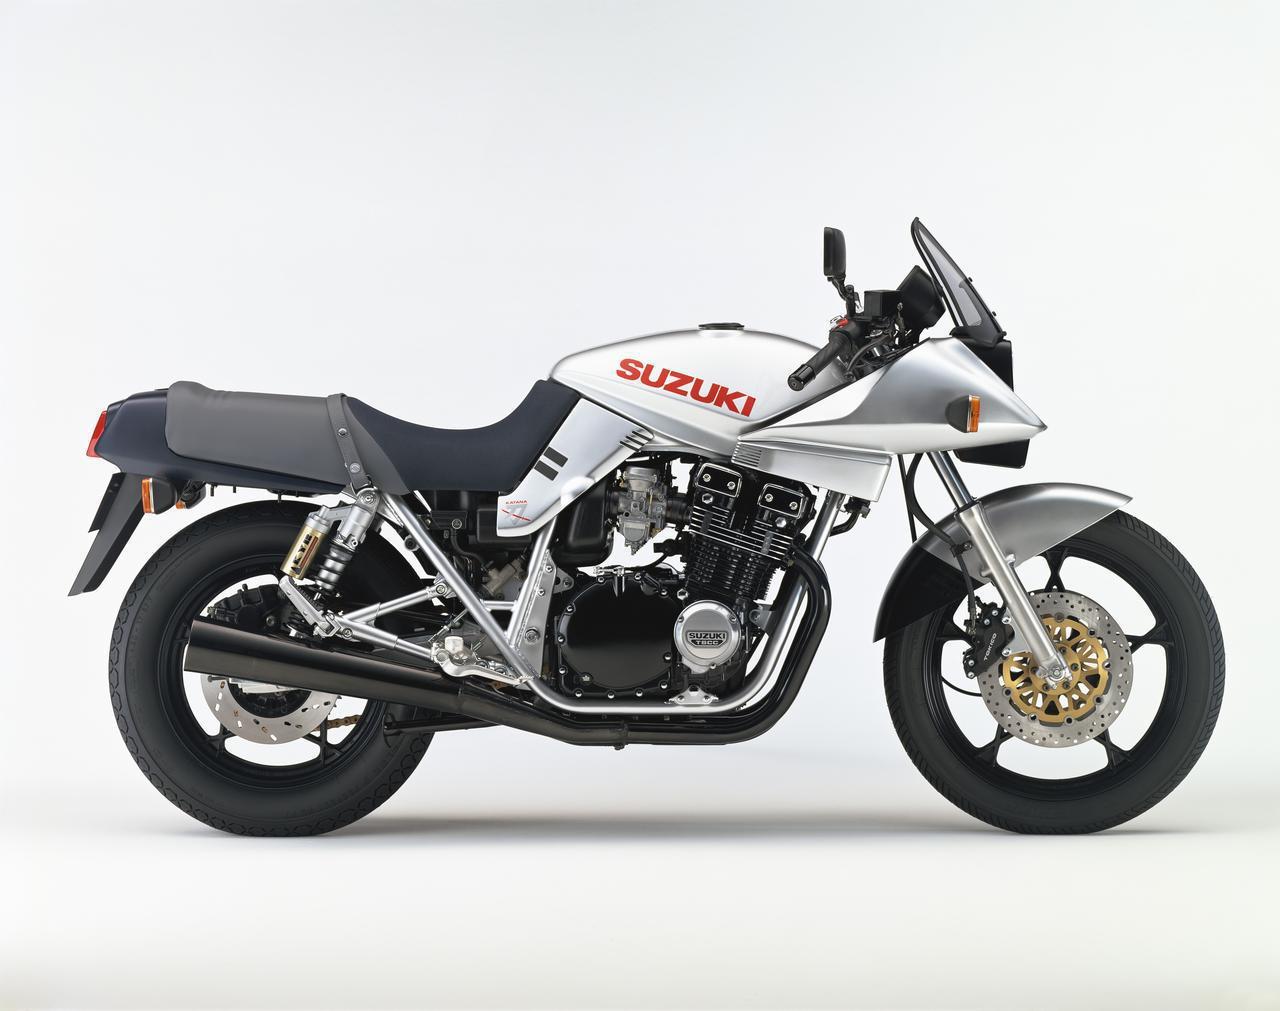 画像: バイク好きなら知ってて当然? 伝説の『KATANA』のこと - スズキのバイク!